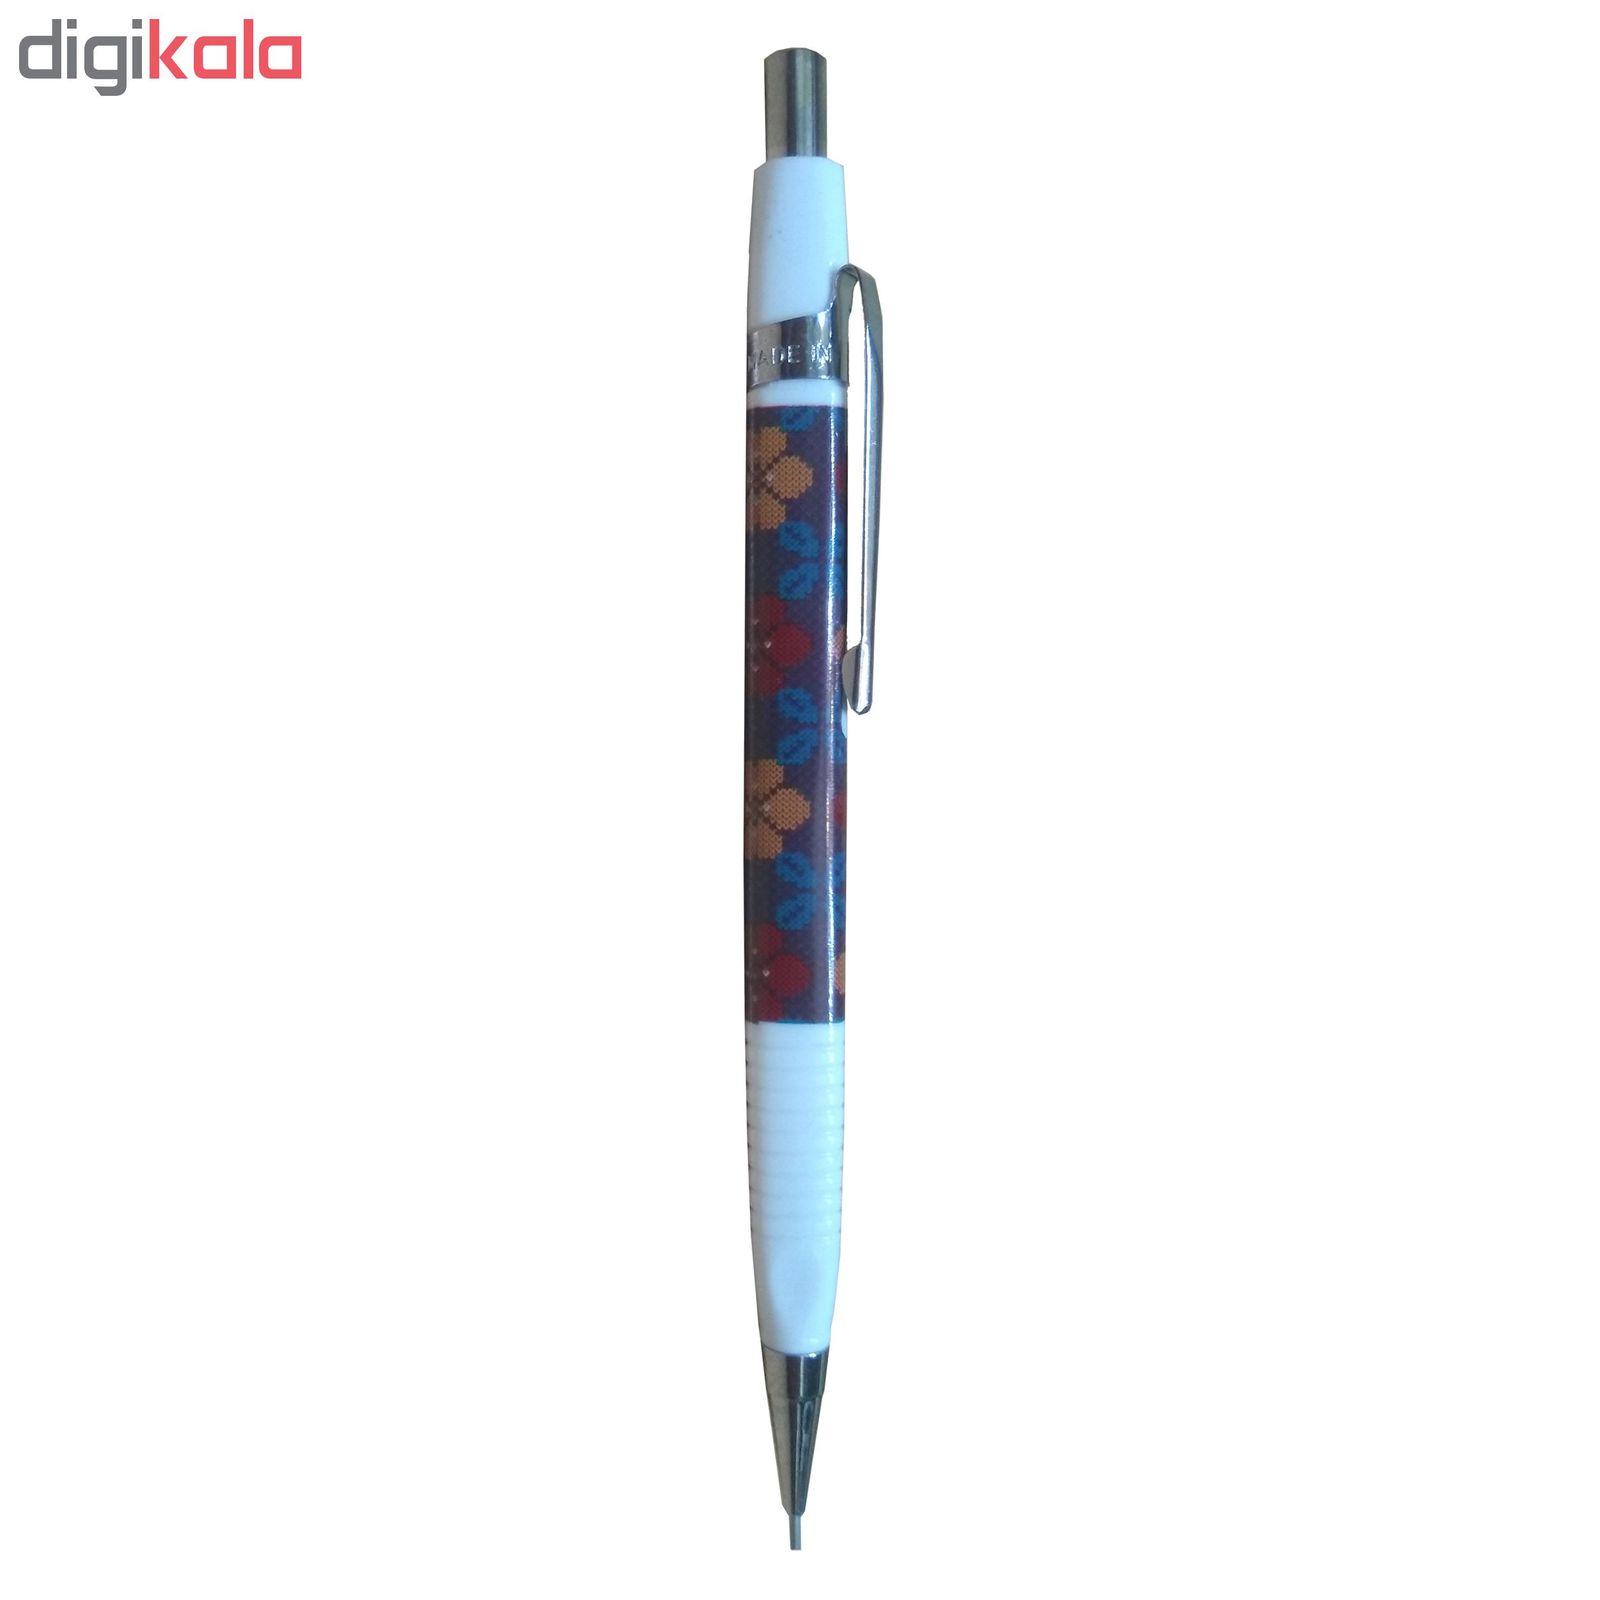 مداد نوکی  0.7 میلی متری اونر کد 202005  main 1 1